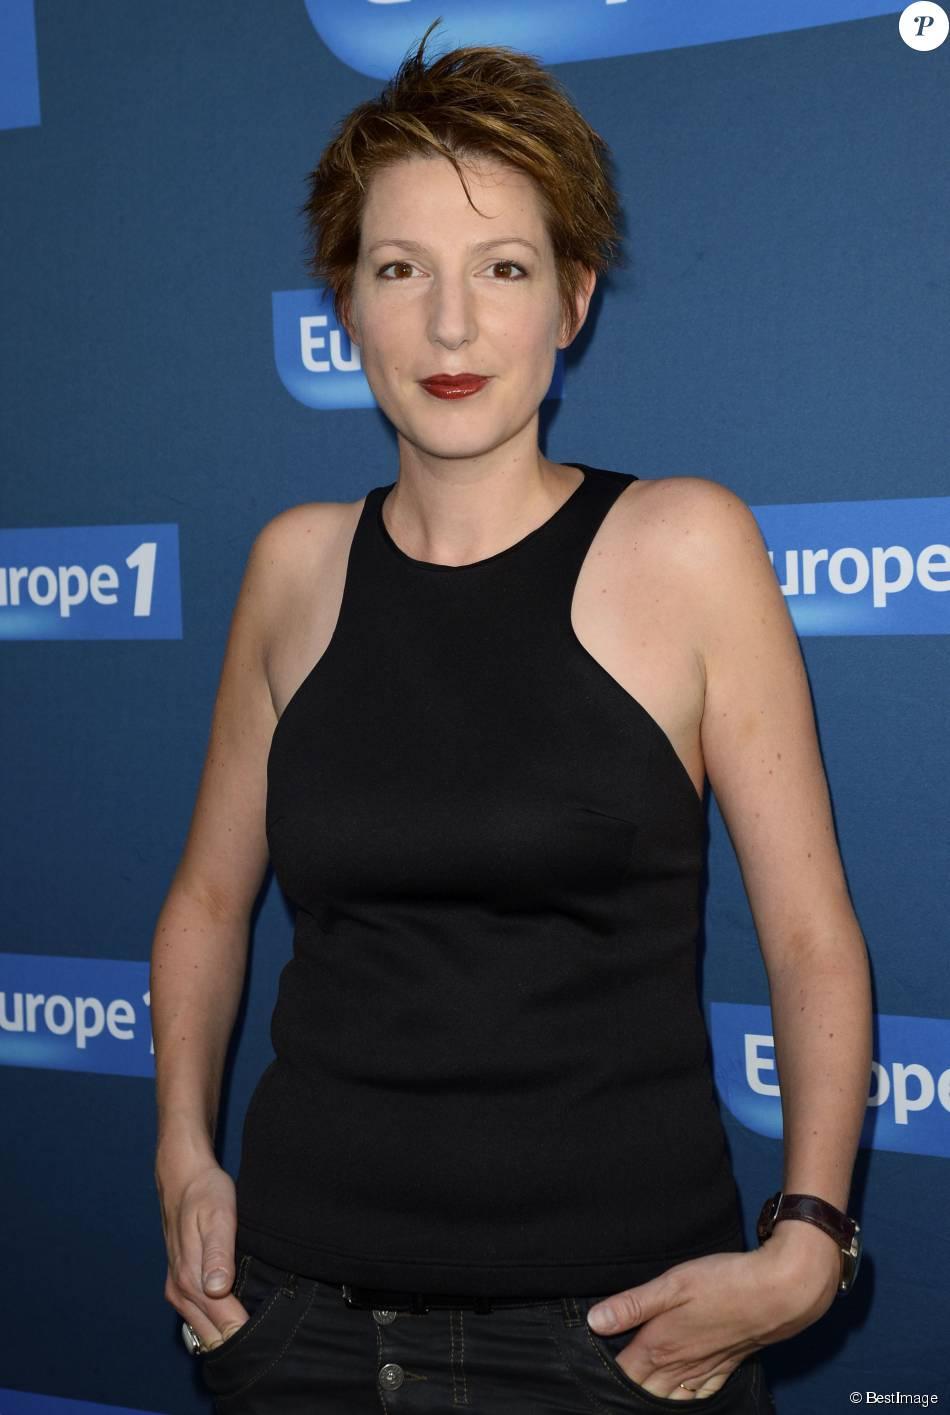 Natacha Polony - Conférence de rentrée de Europe 1 à Paris. Le 3 septembre 2014.